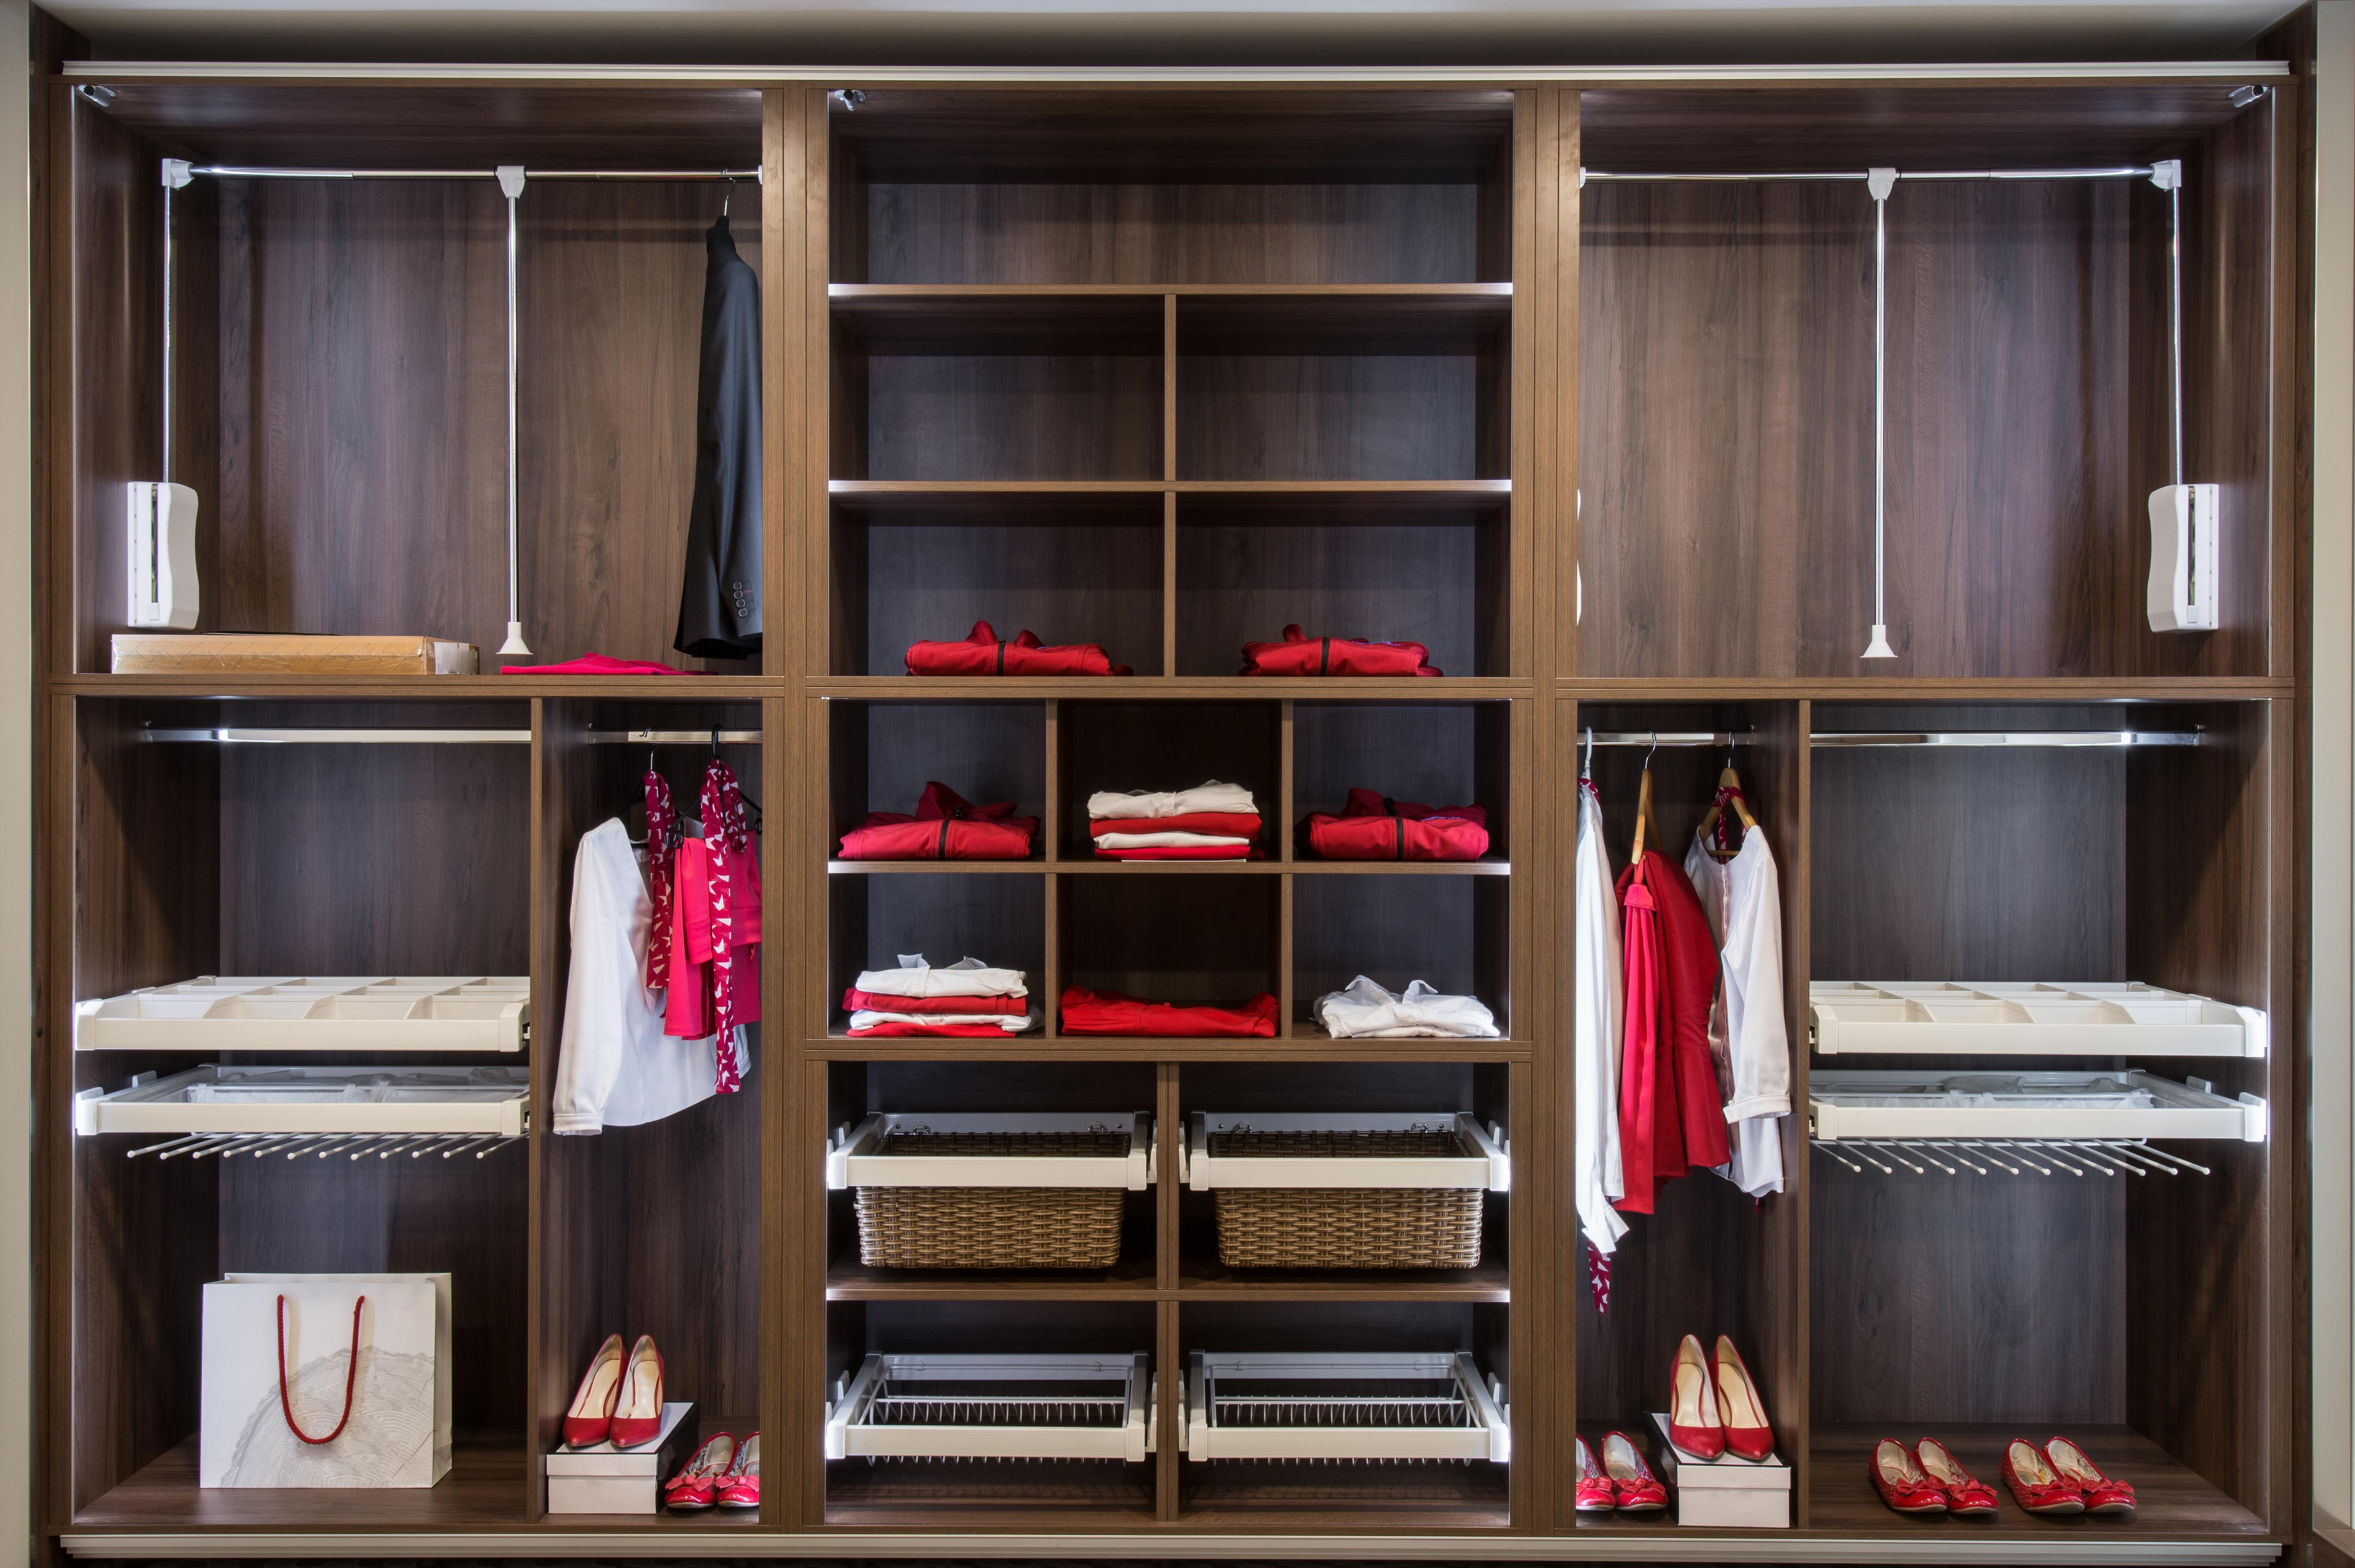 Dise o de armarios configurar un armario empotrado bjc - Diseno de armarios online ...